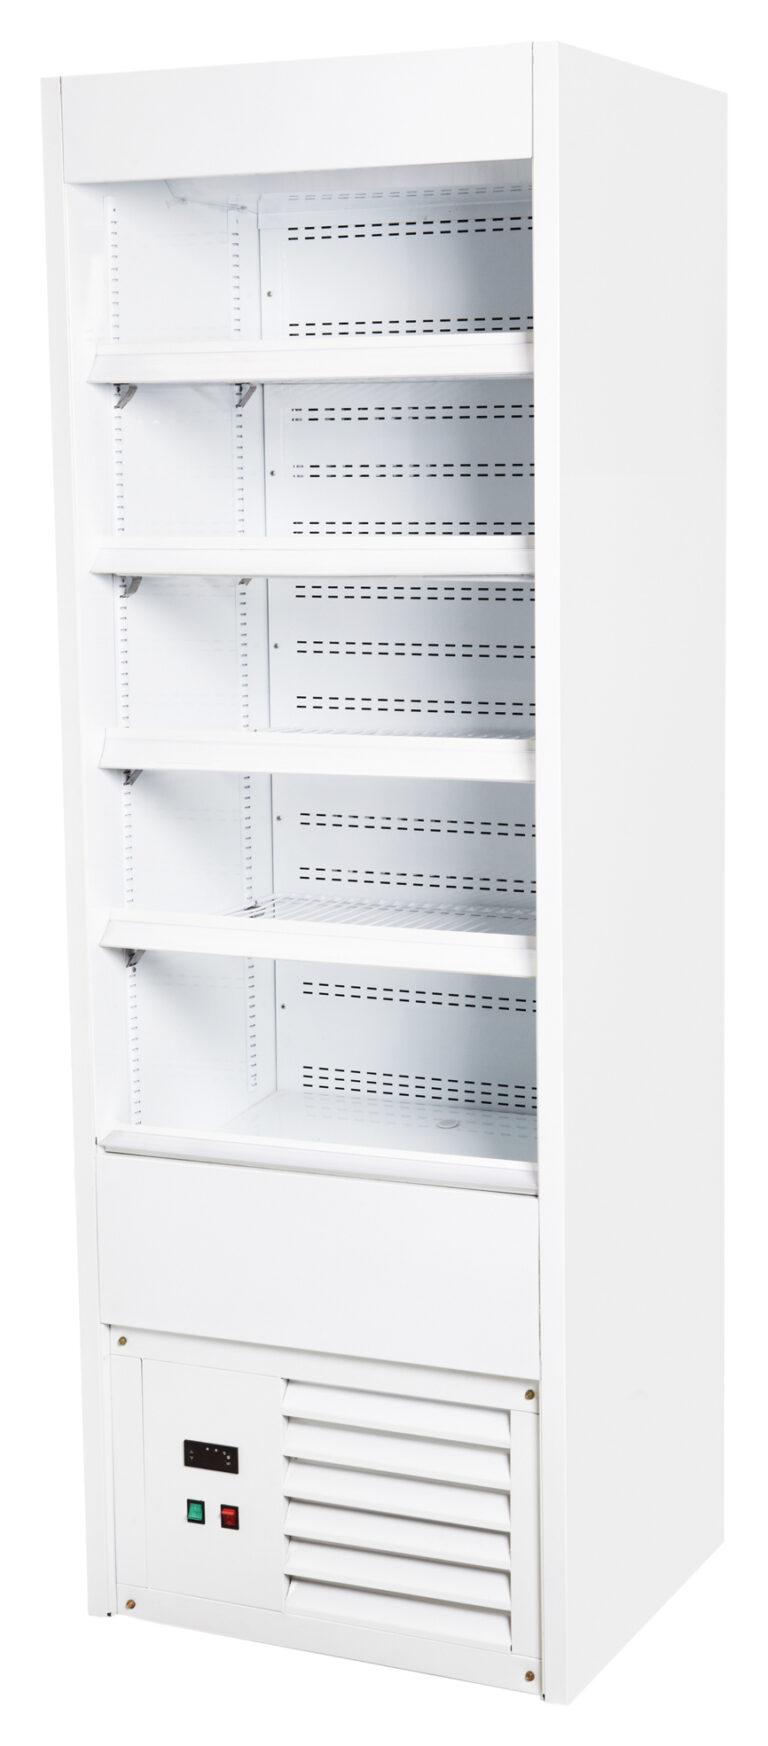 Åben kølereol i hvid